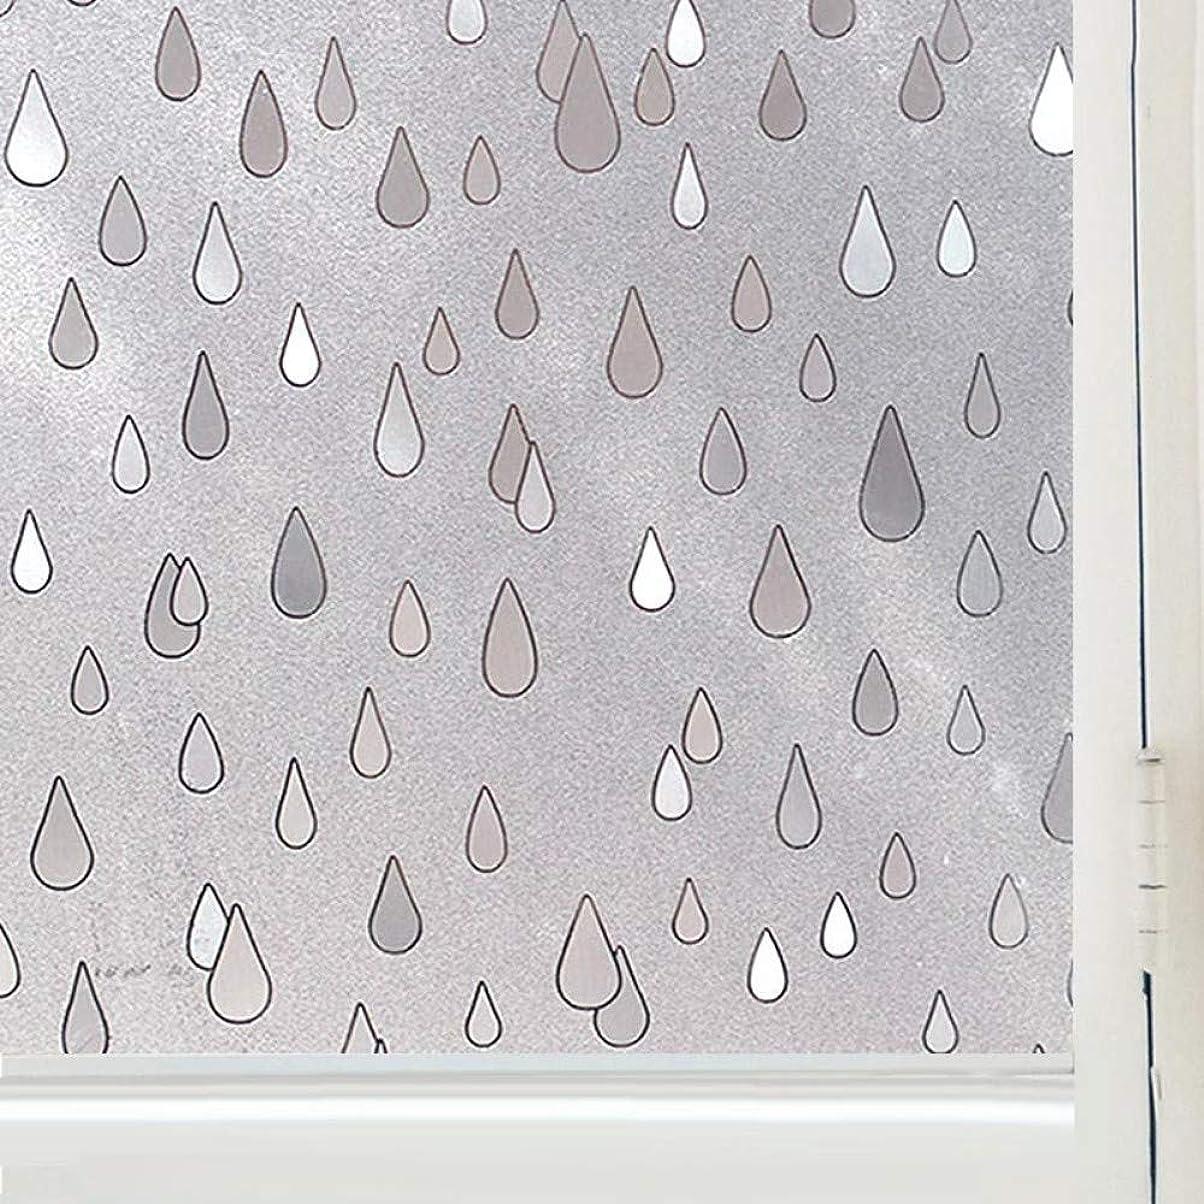 情報ロビー思い出ガラスフィルムウィンドウフィルムガラスウィンドウフィルム不透明プライバシー装飾的静的しがみつきウィンドウステッカー雨滴家の装飾